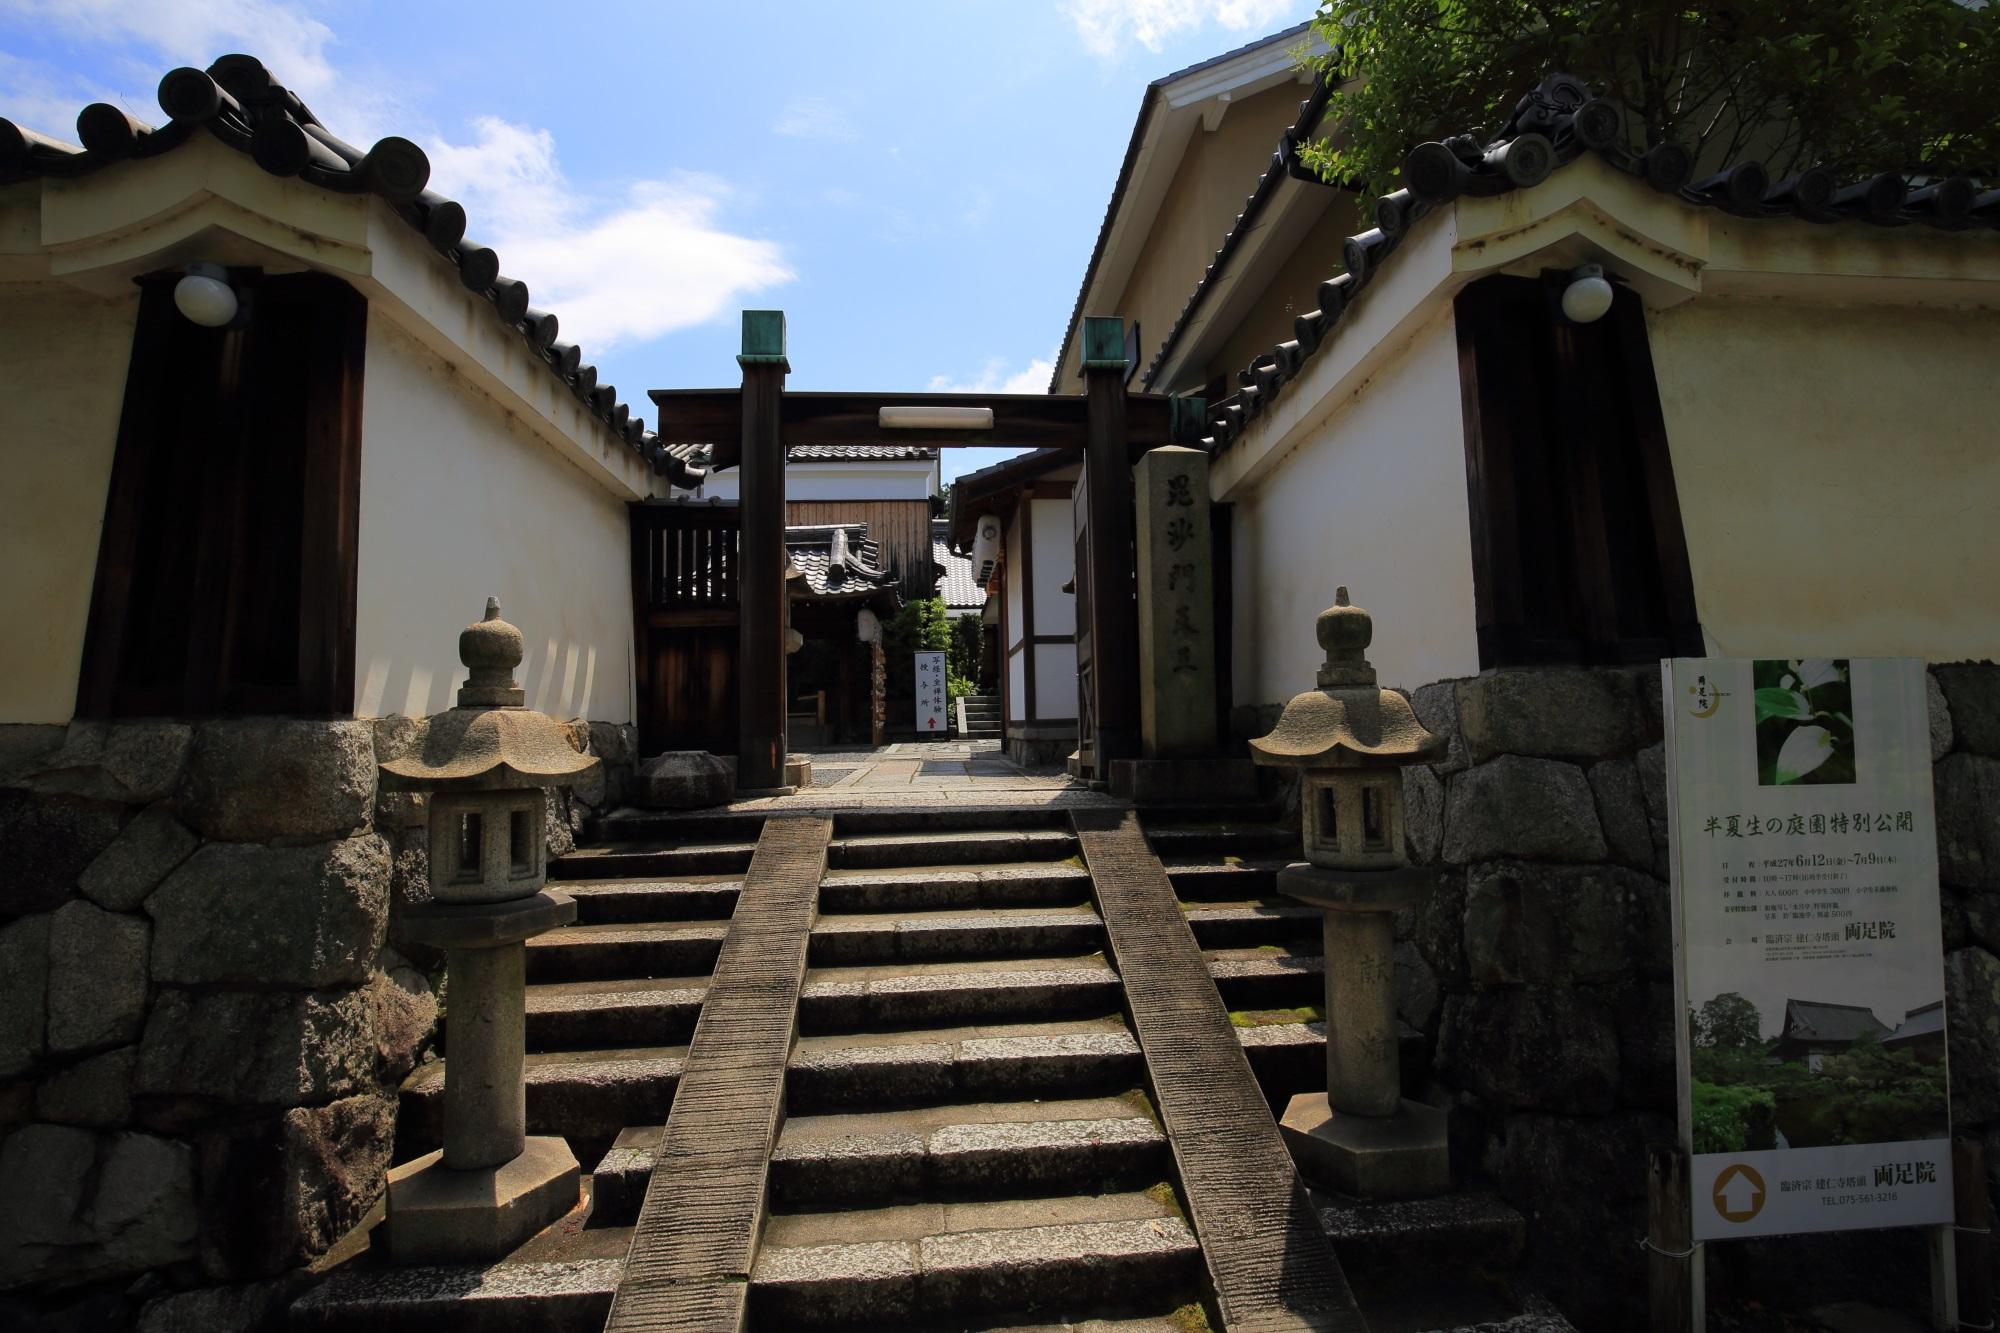 白壁に囲まれた落ち着きある雰囲気の建仁寺両足院の入口